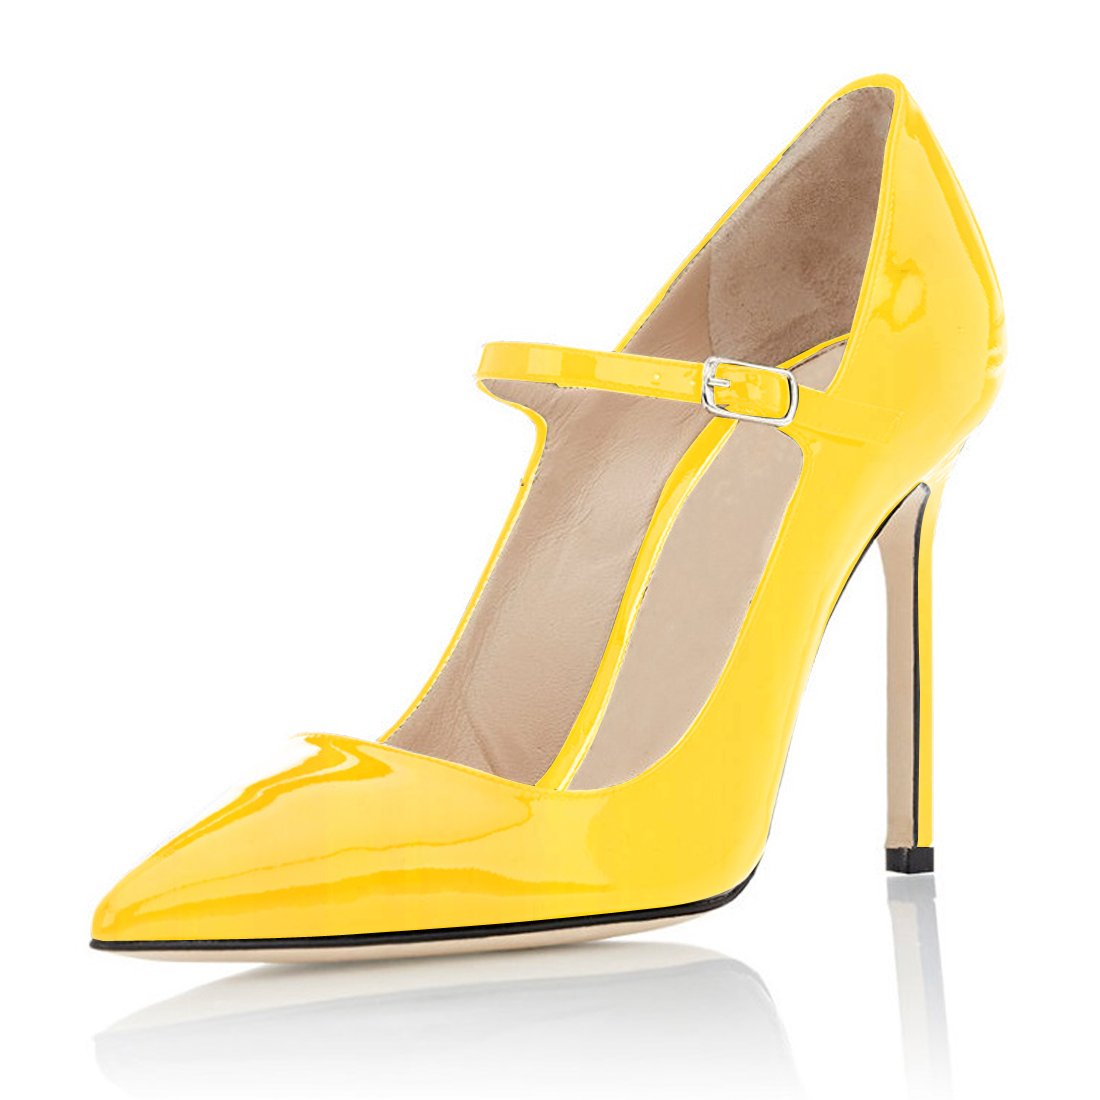 Soireelady - Scarpe Col Tacco - Sexy Stiletto Tacco Scarpe - Mary Jane Tacco Alto - con Cinturino Alla Caviglia